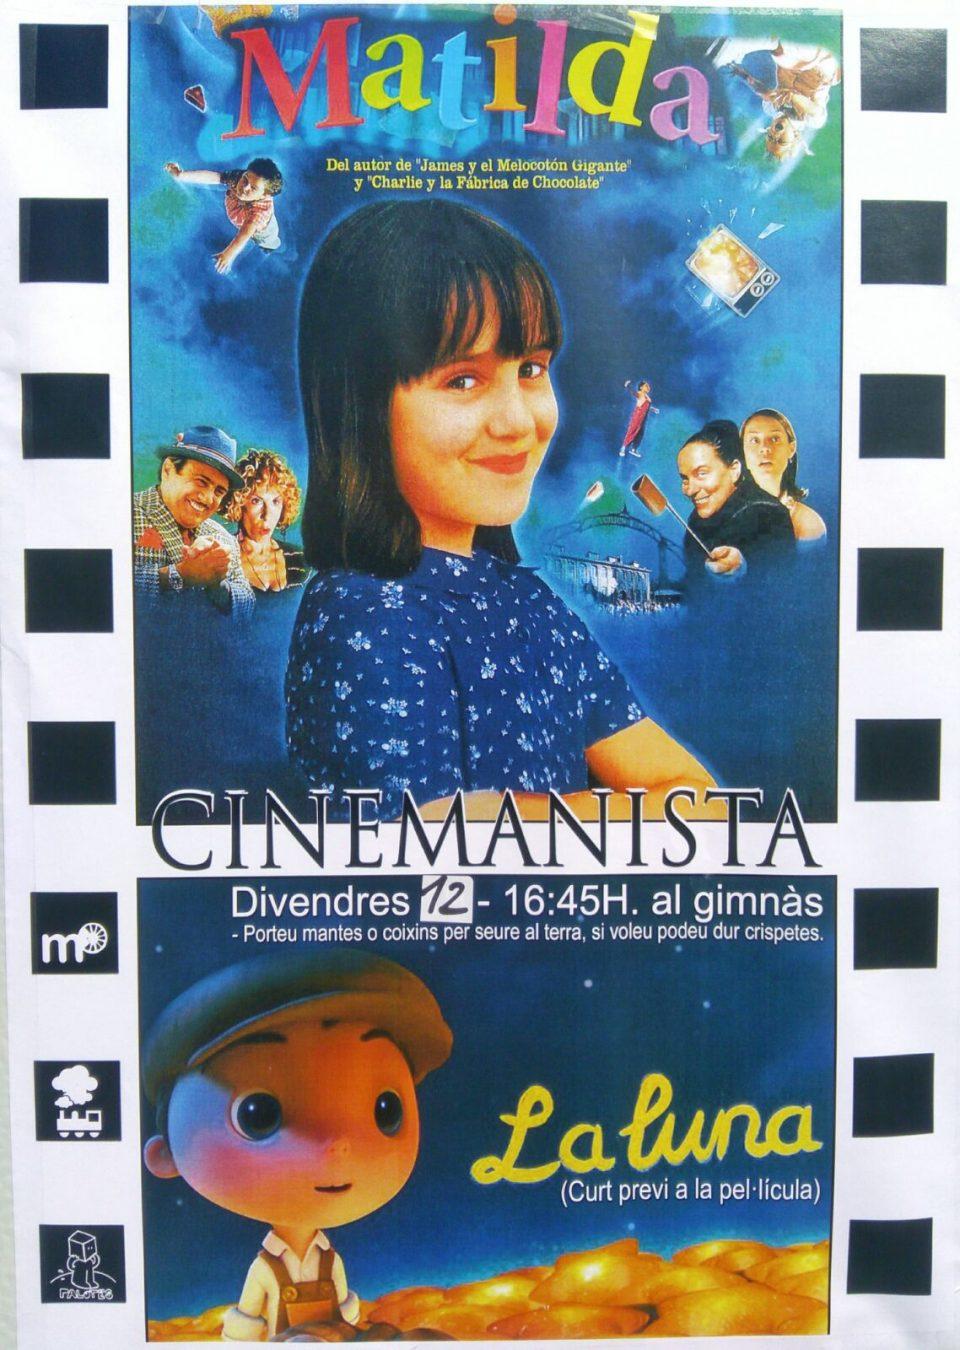 CINEMANISTA